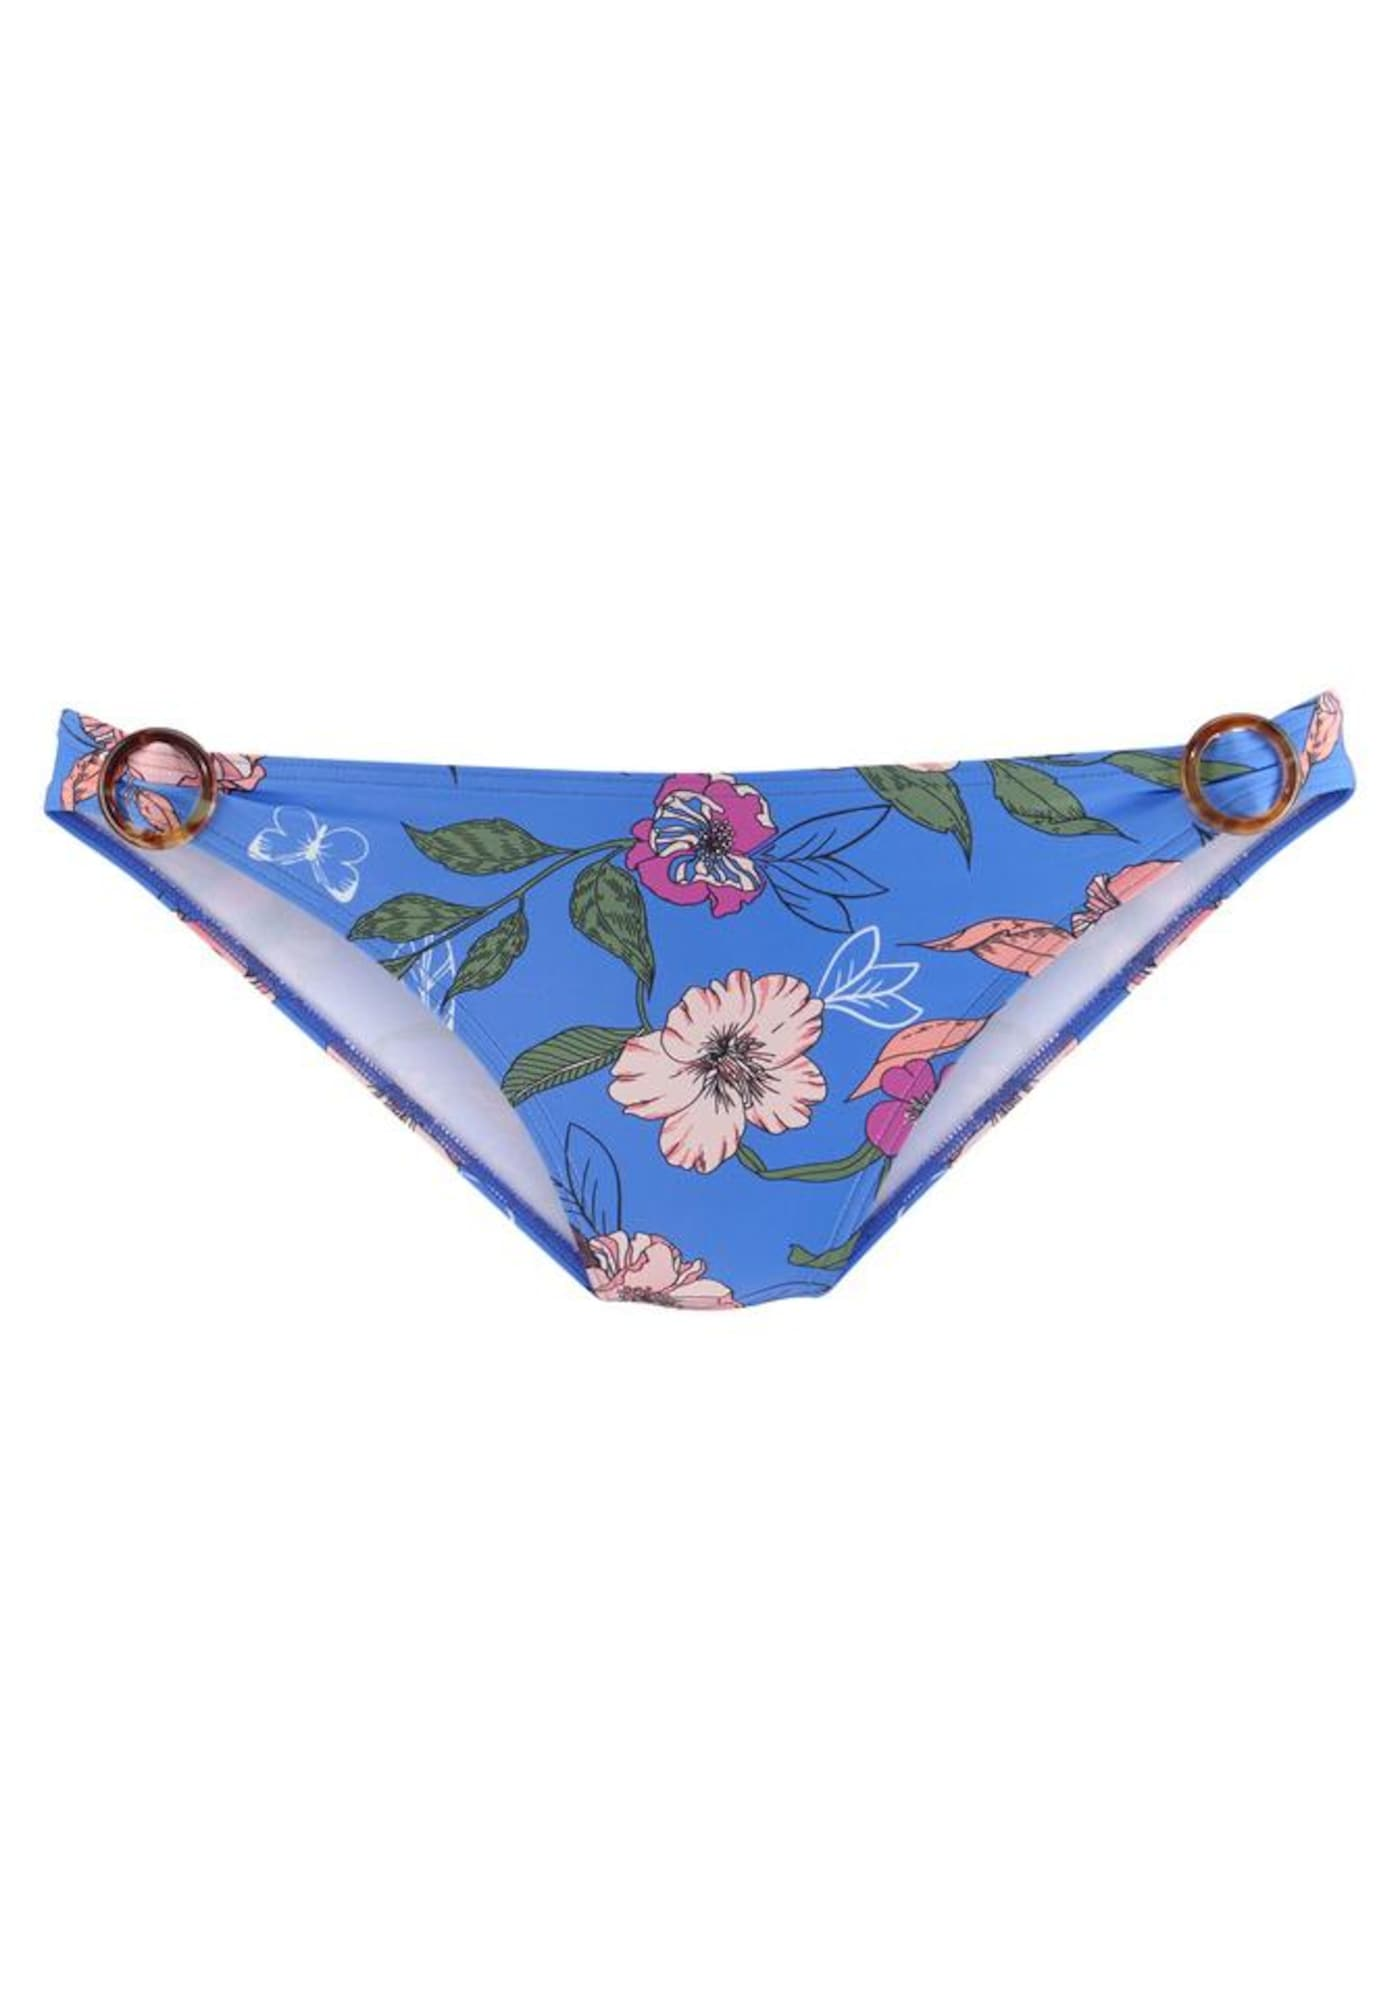 s.Oliver Bikinio kelnaitės mėlyna / žalia / rožių spalva / purpurinė